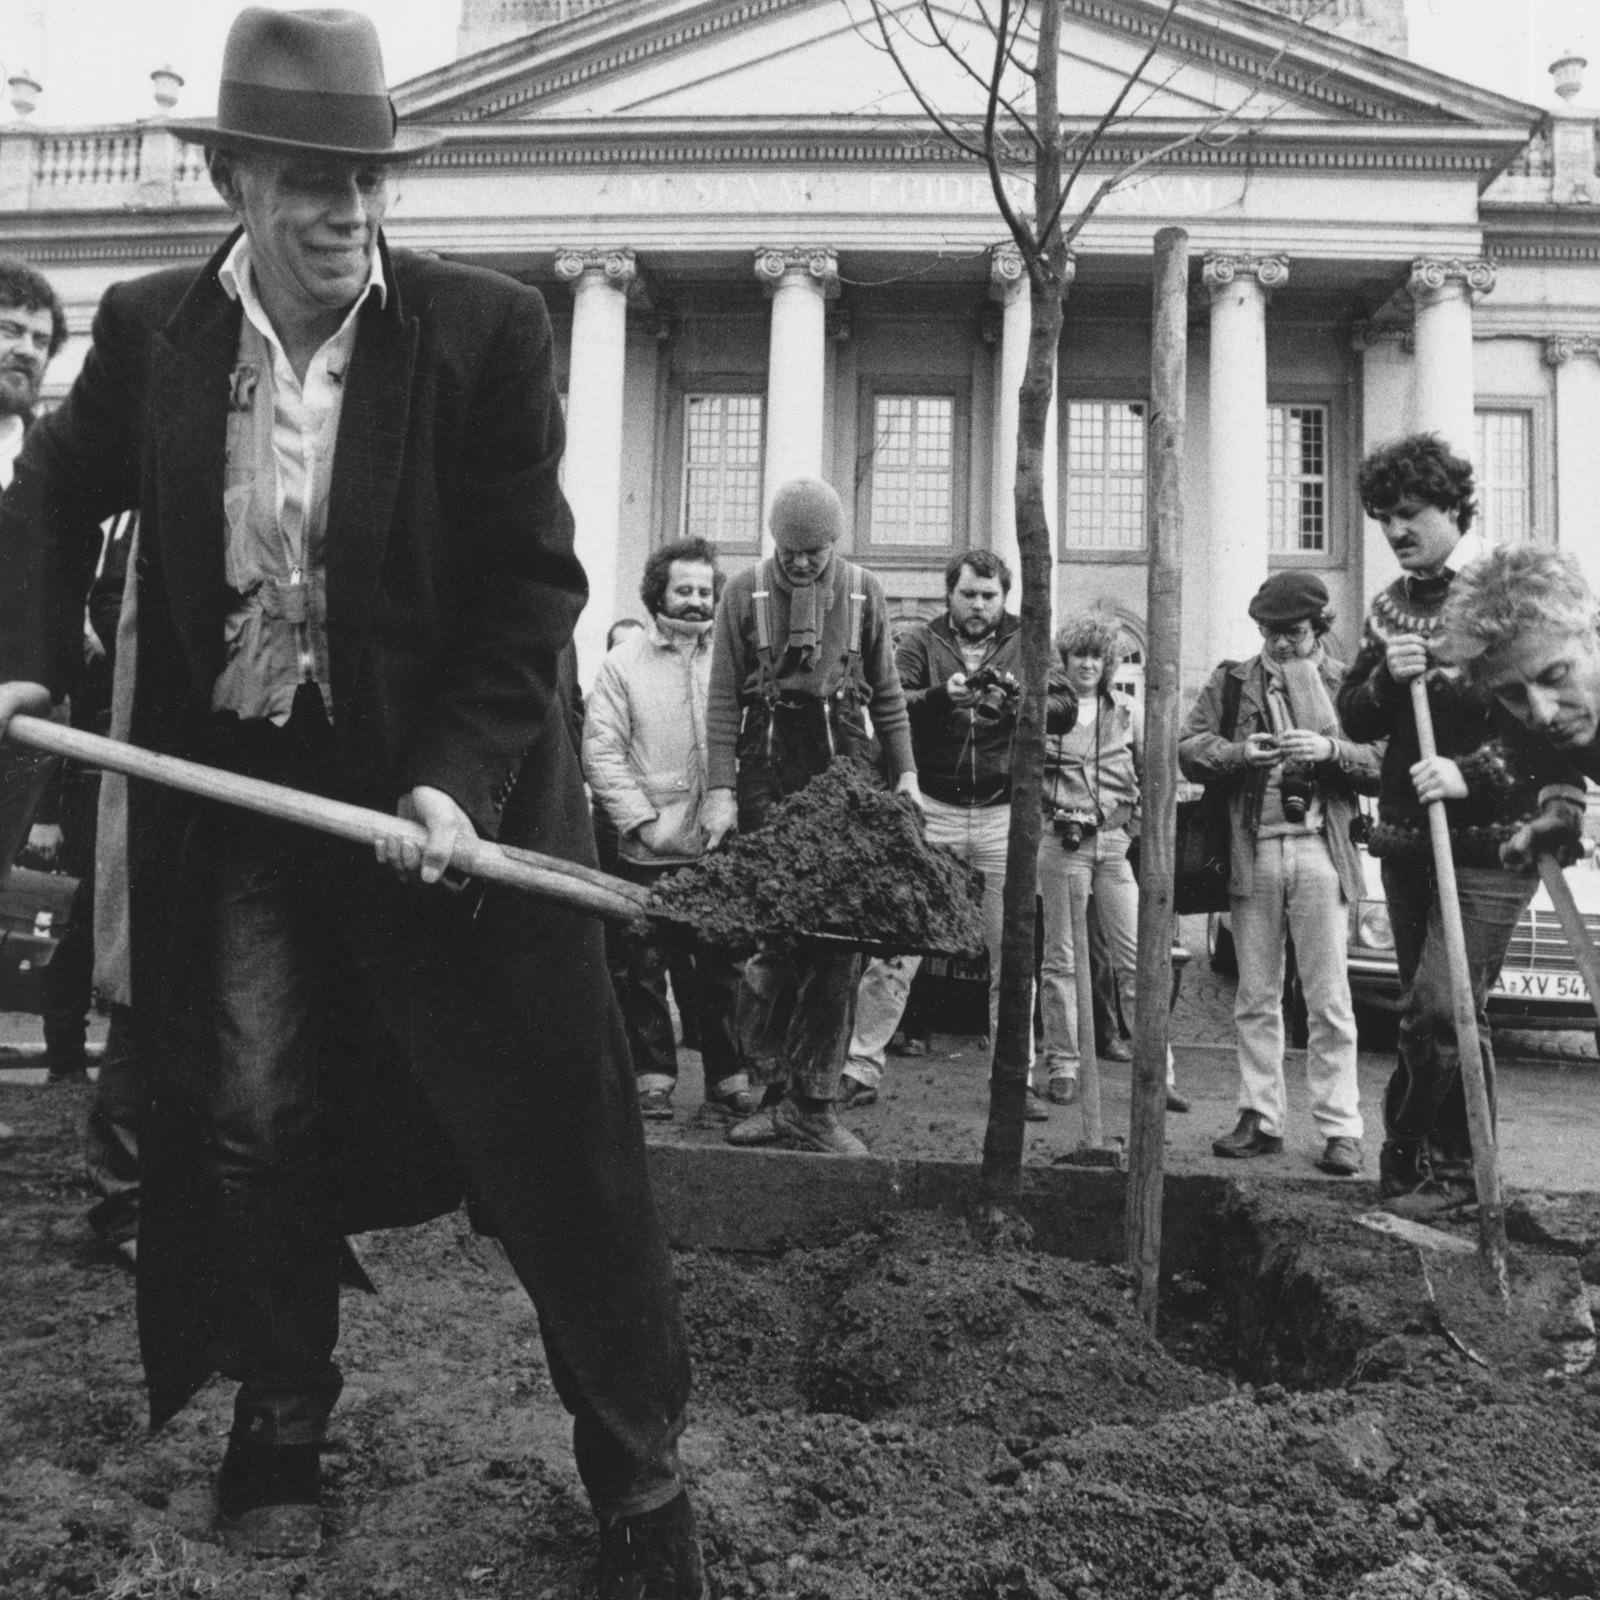 Joseph Beuys pflanzt 1982 eine der ersten von insgesamt 7000 Eichen.